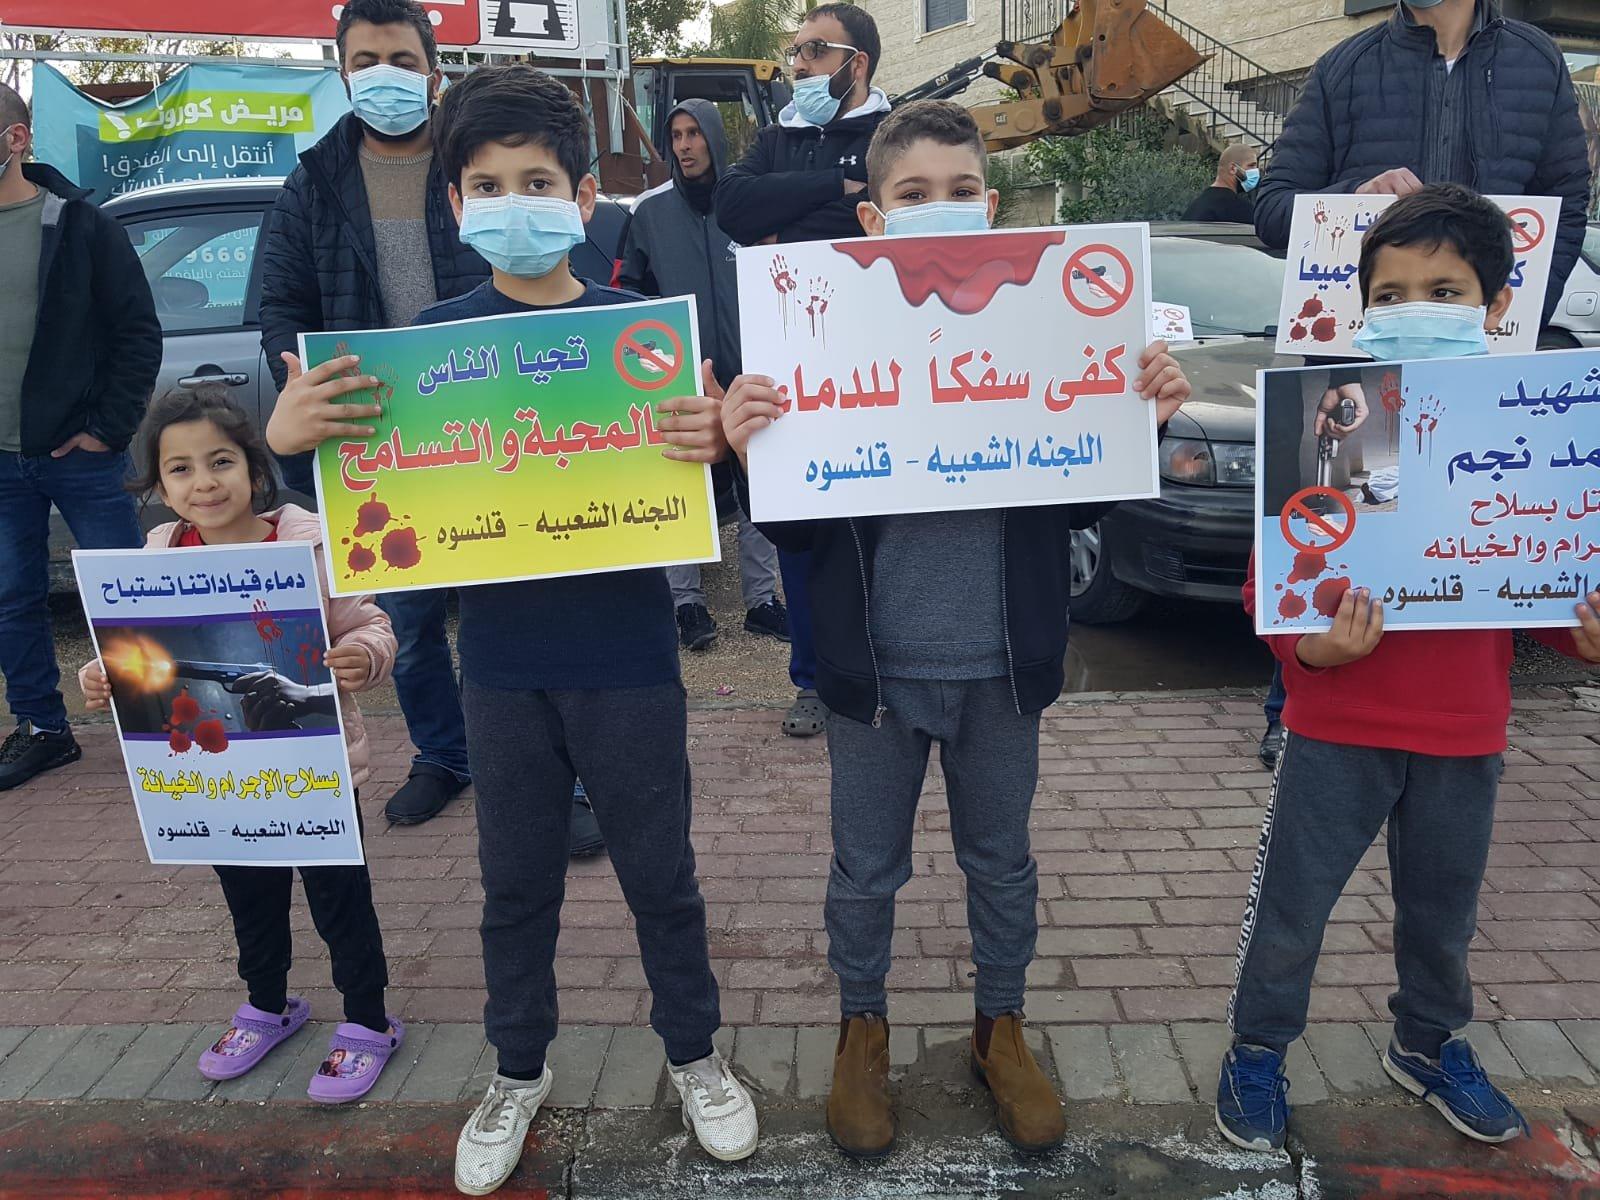 قلنسوة تتظاهر ضد العنف-5